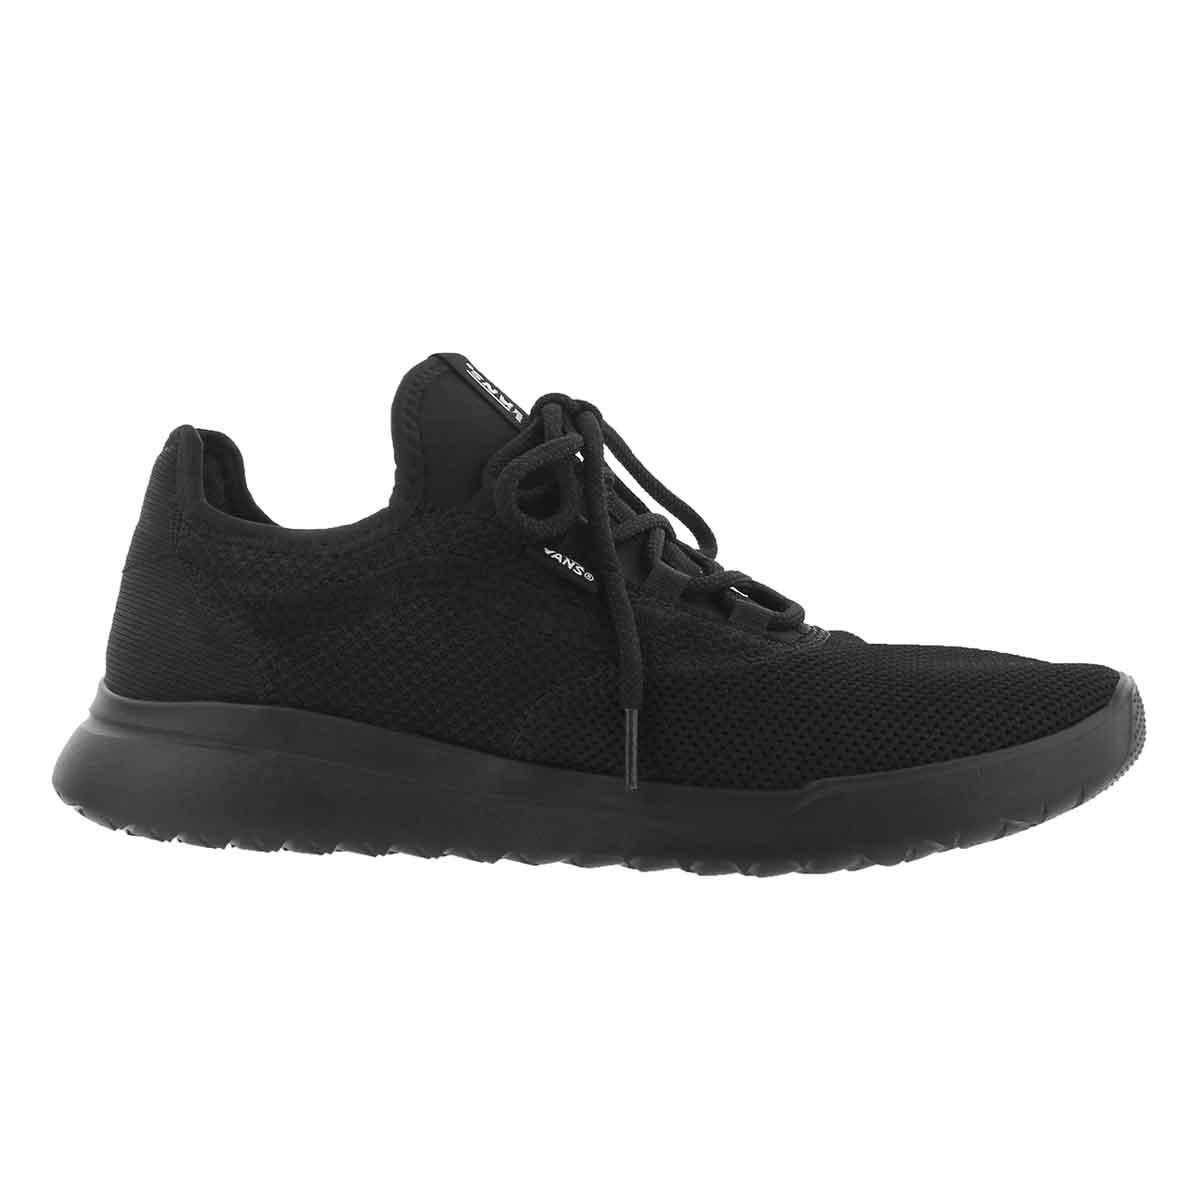 Mns Cerus Lite blk/blk lace up sneaker